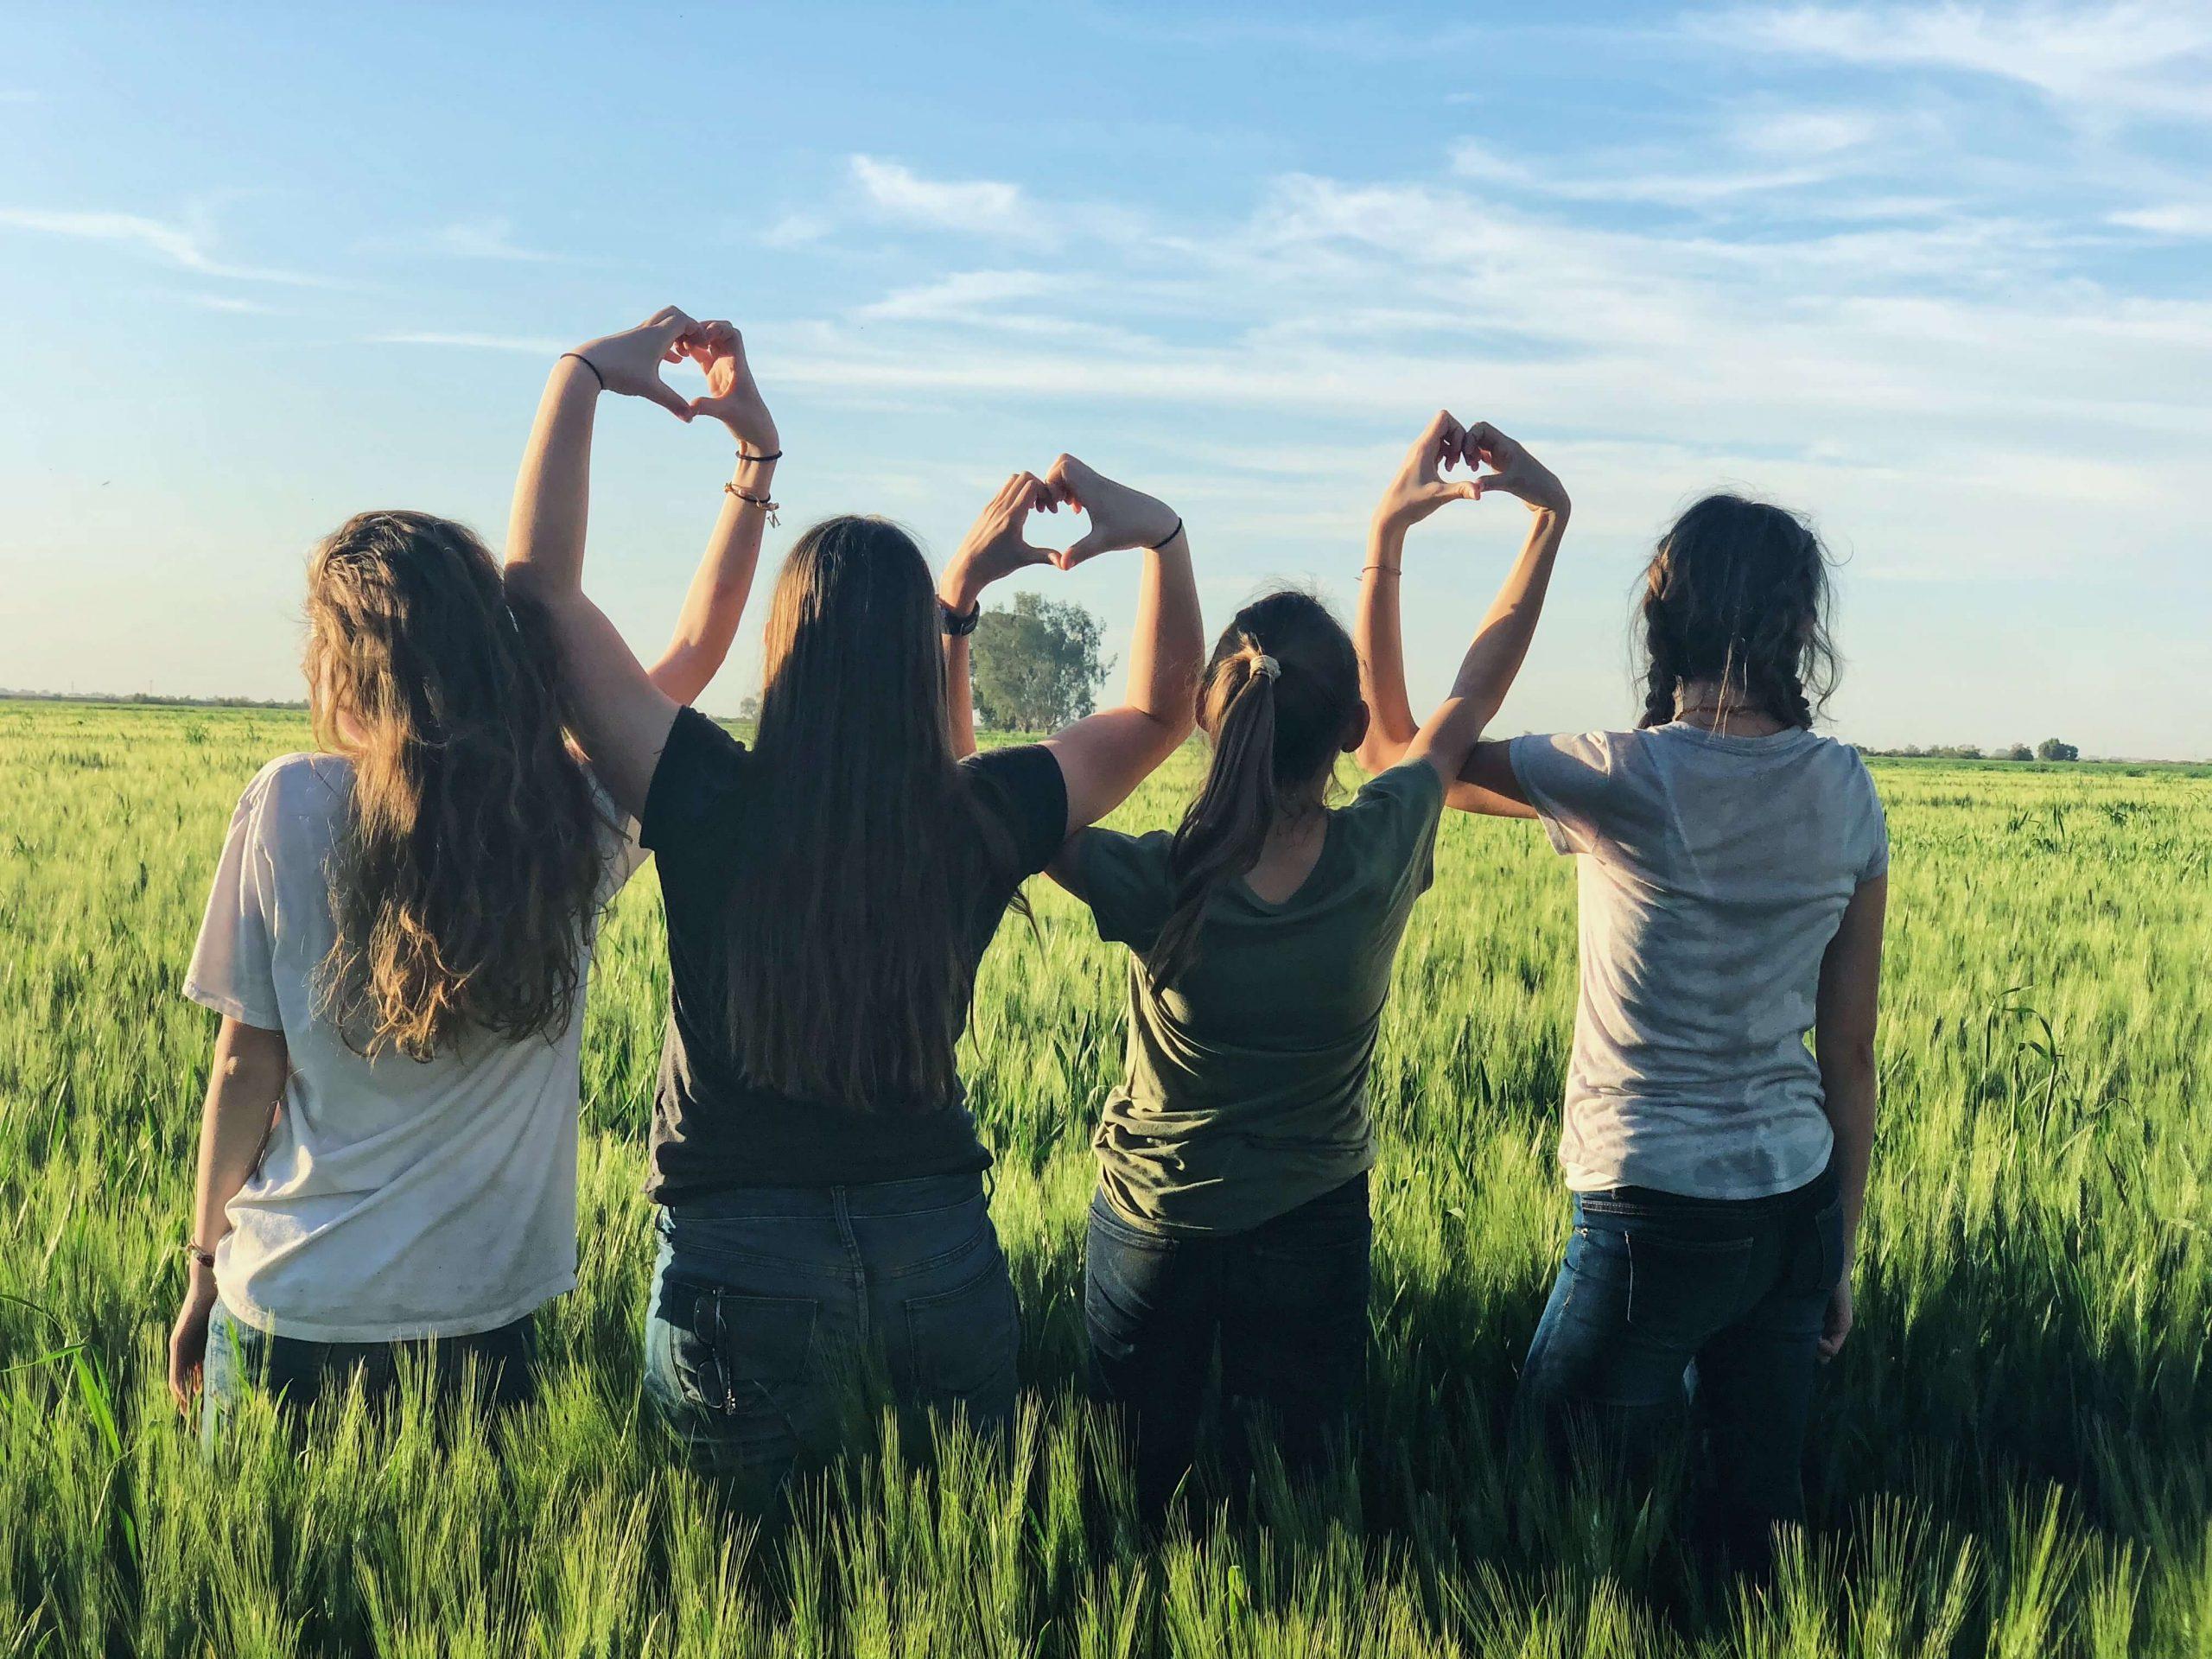 mulheres de costas com braços entrelaçados em forma de coração